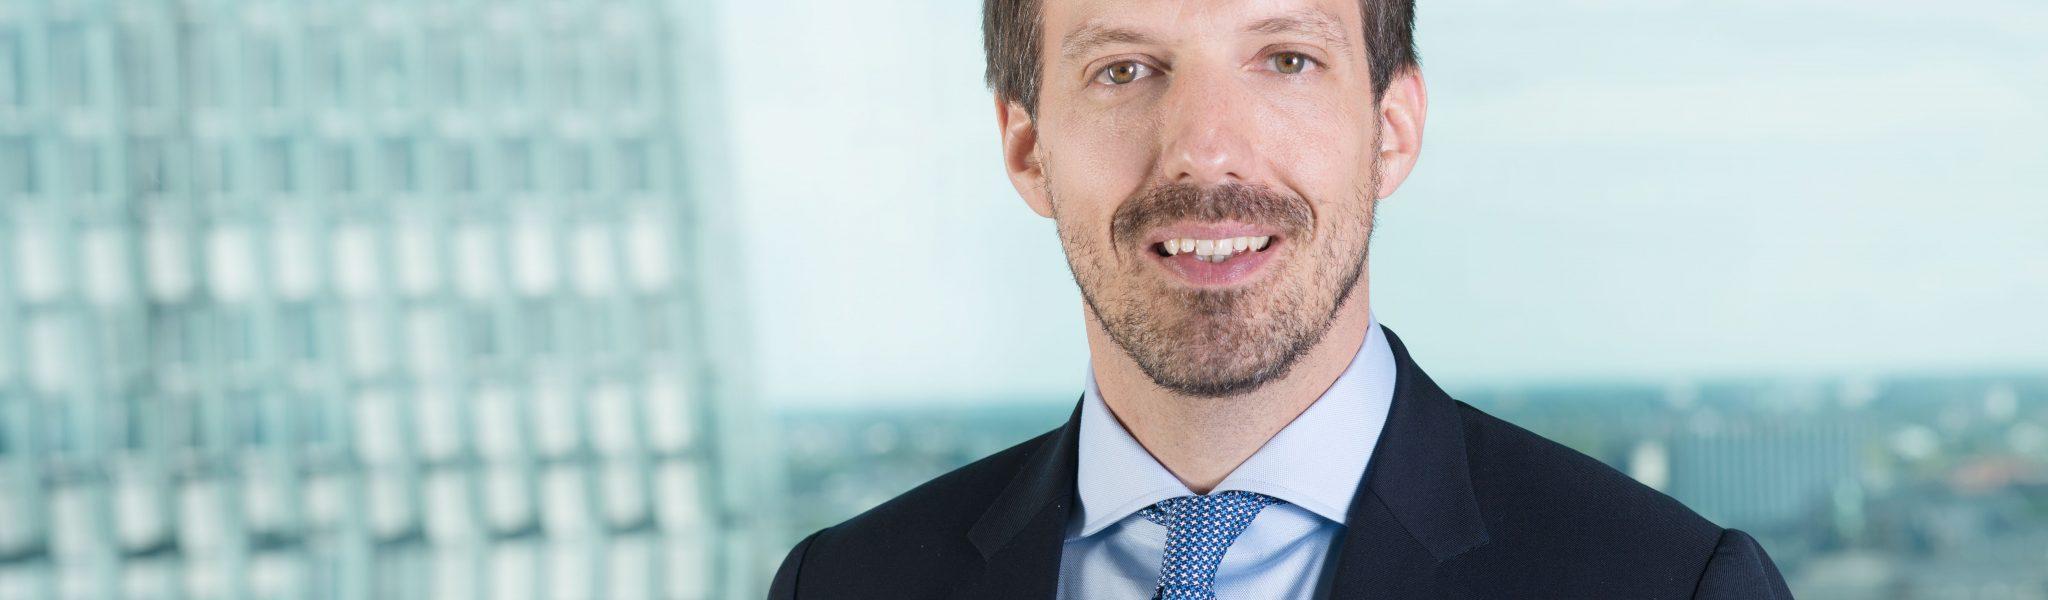 Missão: abrir a banca a novos conceitos de negócio